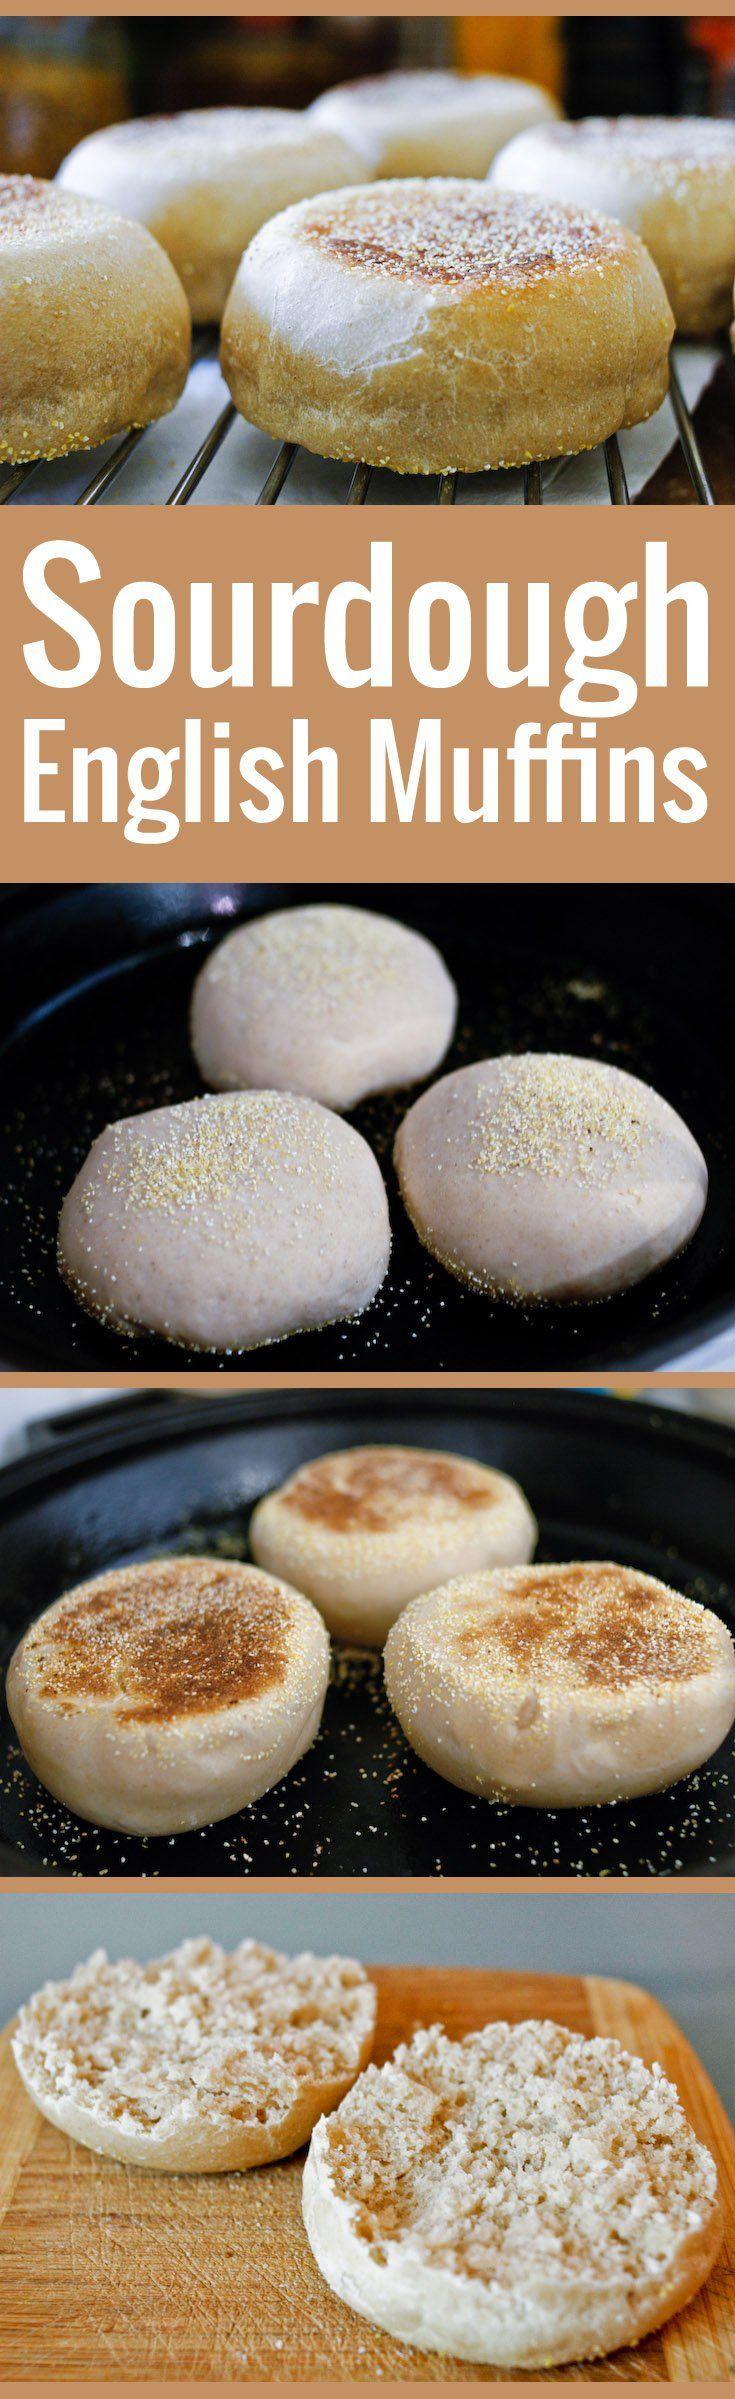 Une recette précise en pas-à-pas pour faire des muffins anglais (English muffins) parfaits pour le petit déjeuner ou un brunch. A fendre à la fourchette !